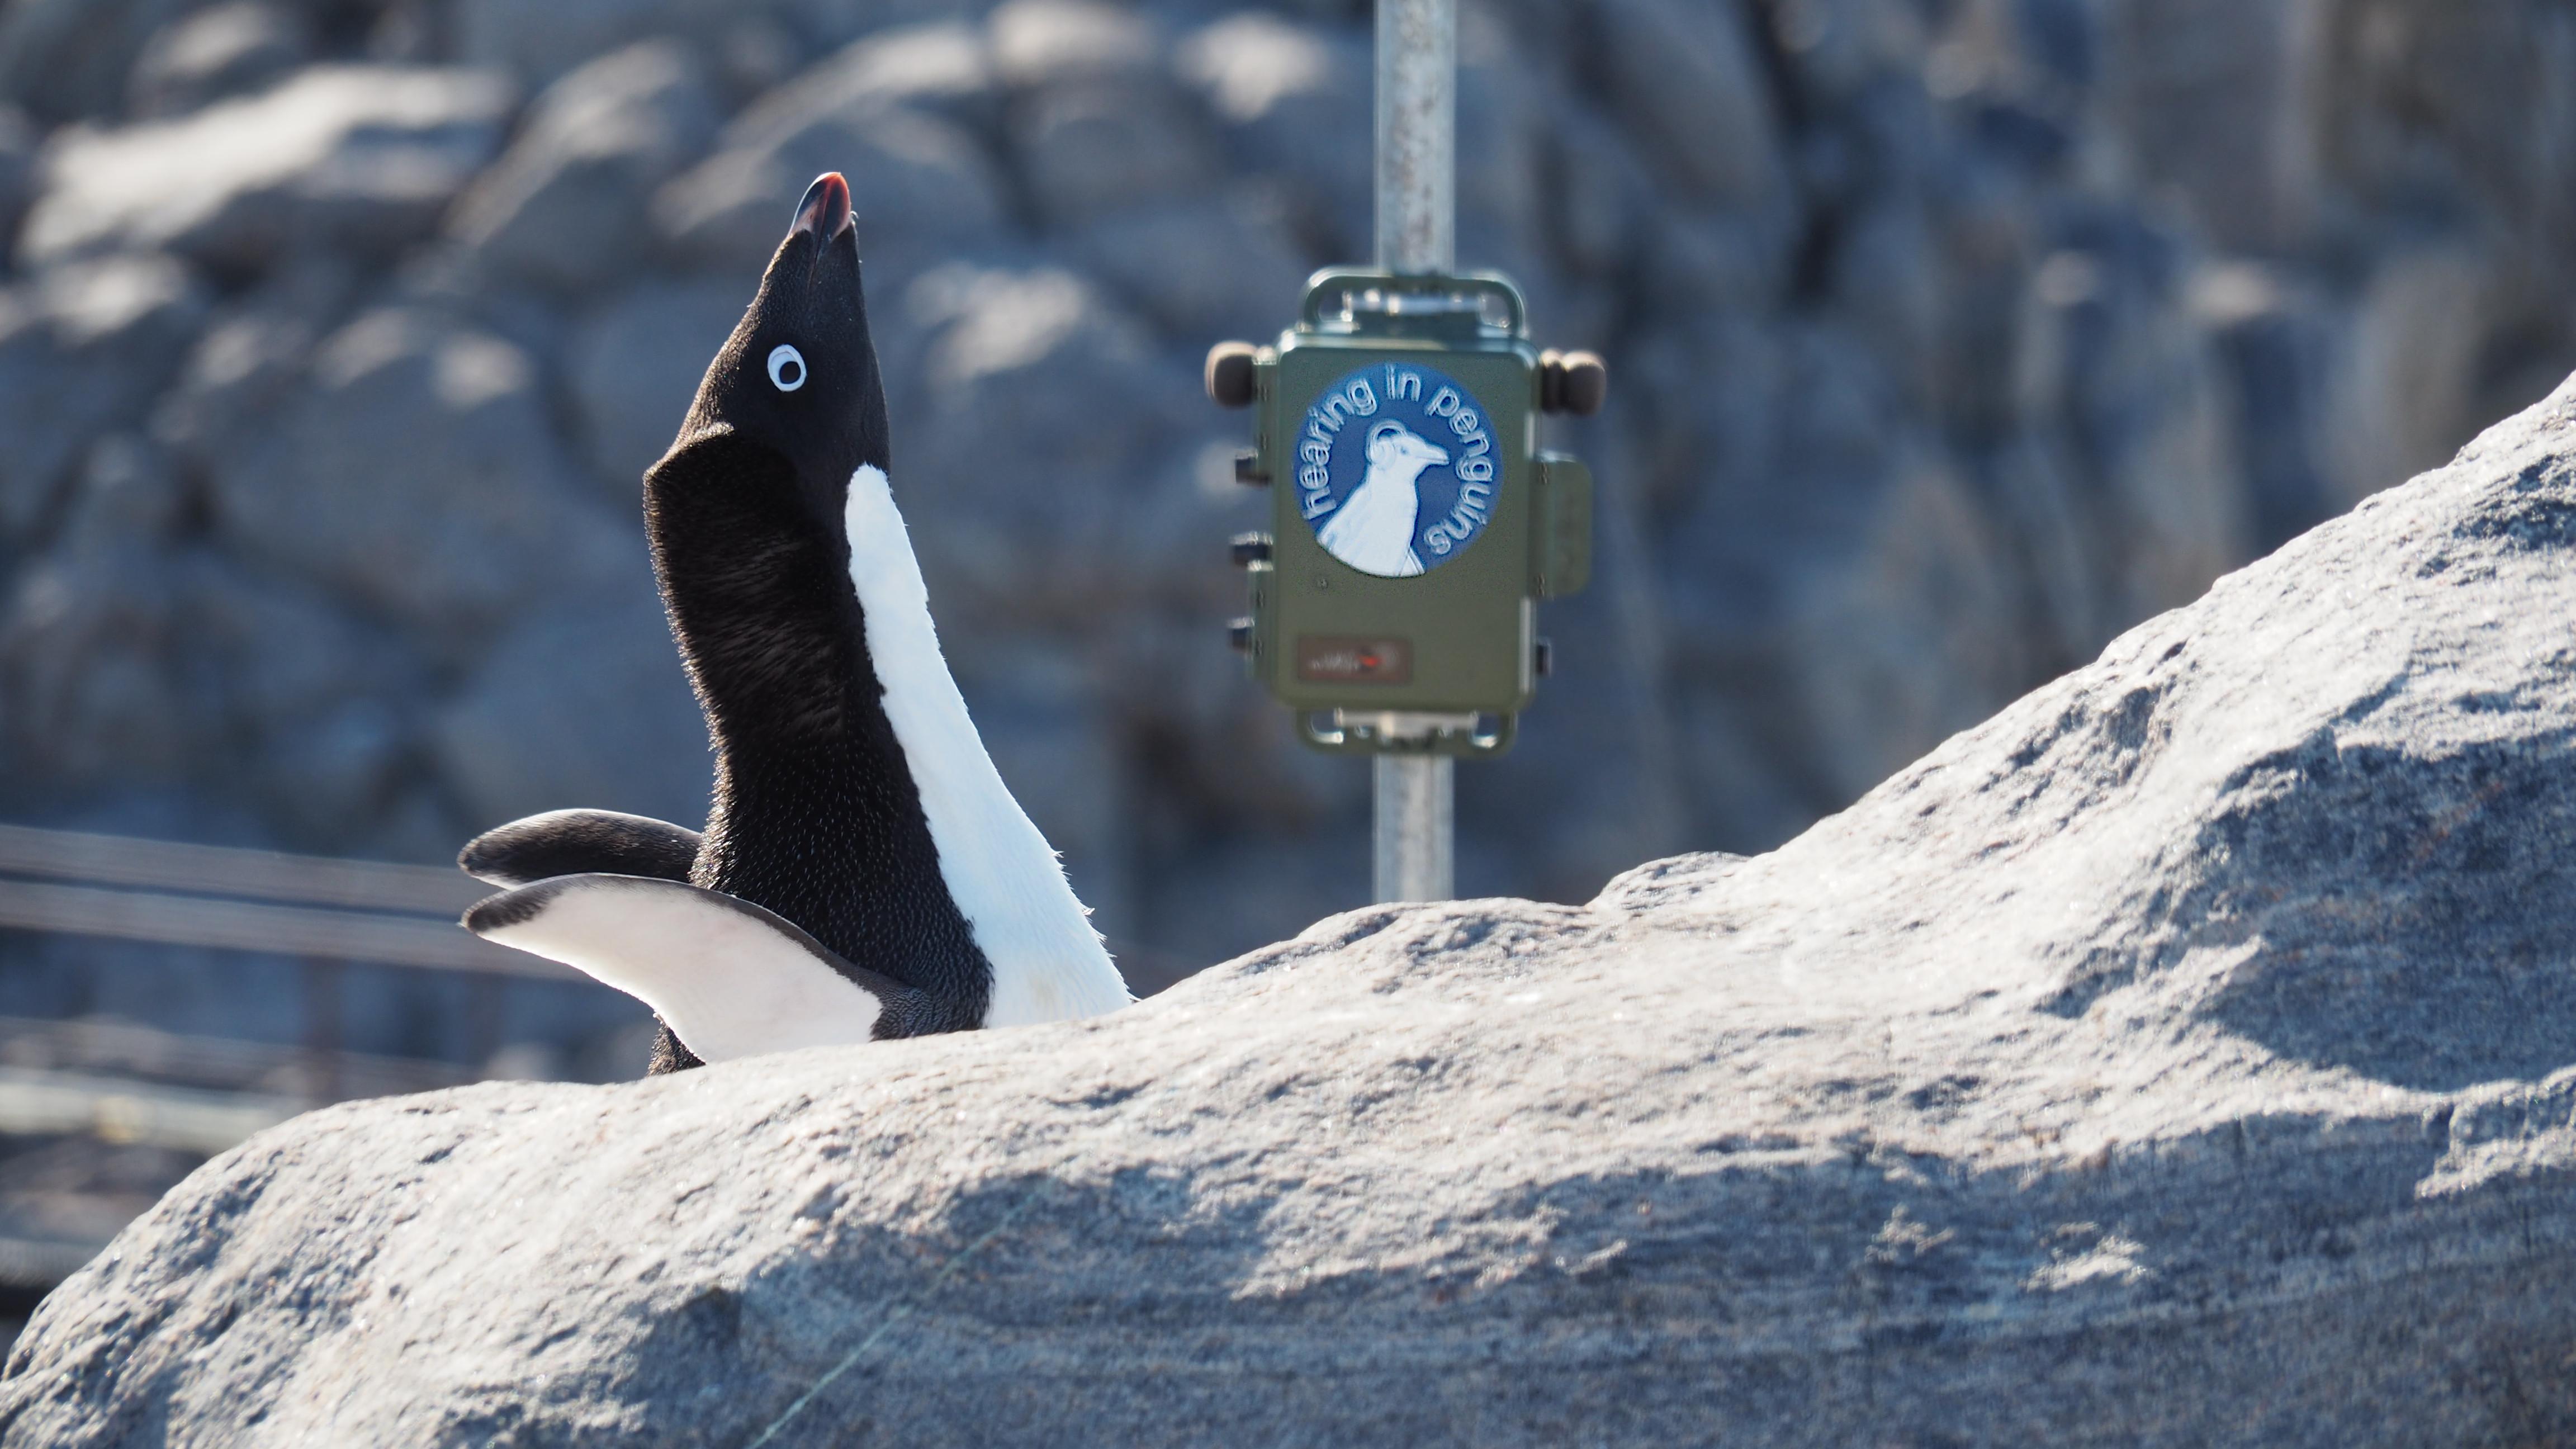 Ein Pinguin vor einem Messgerät.